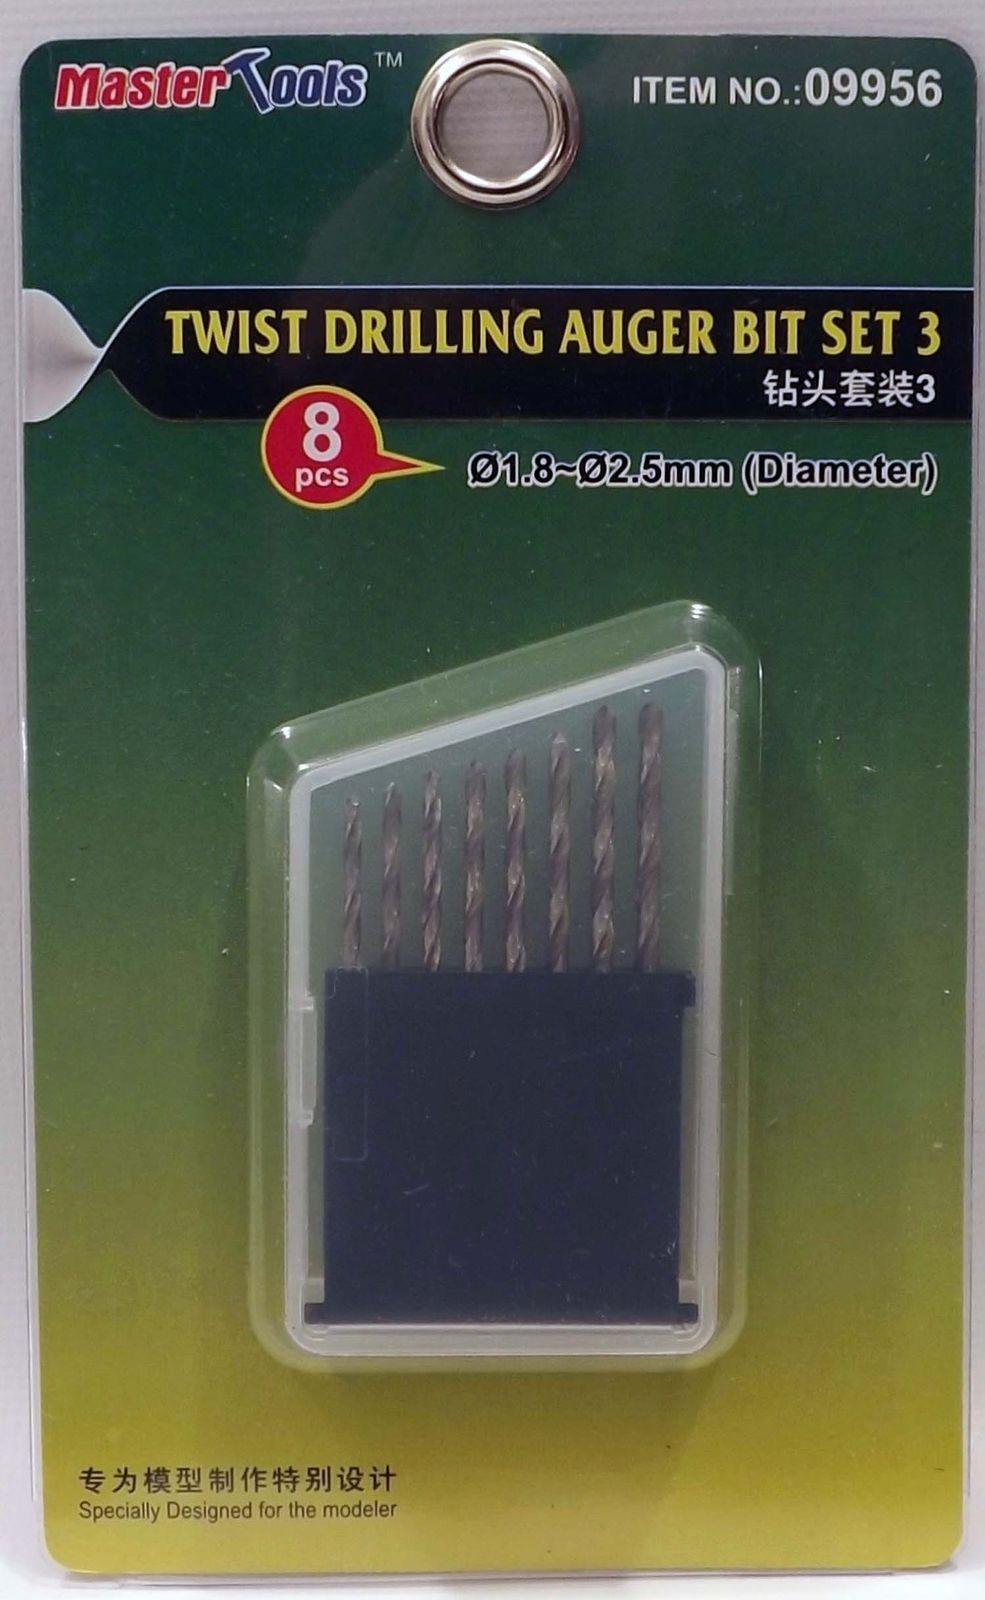 Trumpeter 09956 Master Tools Twist Drilling Auger Bit Set 3 Model DIY Tools